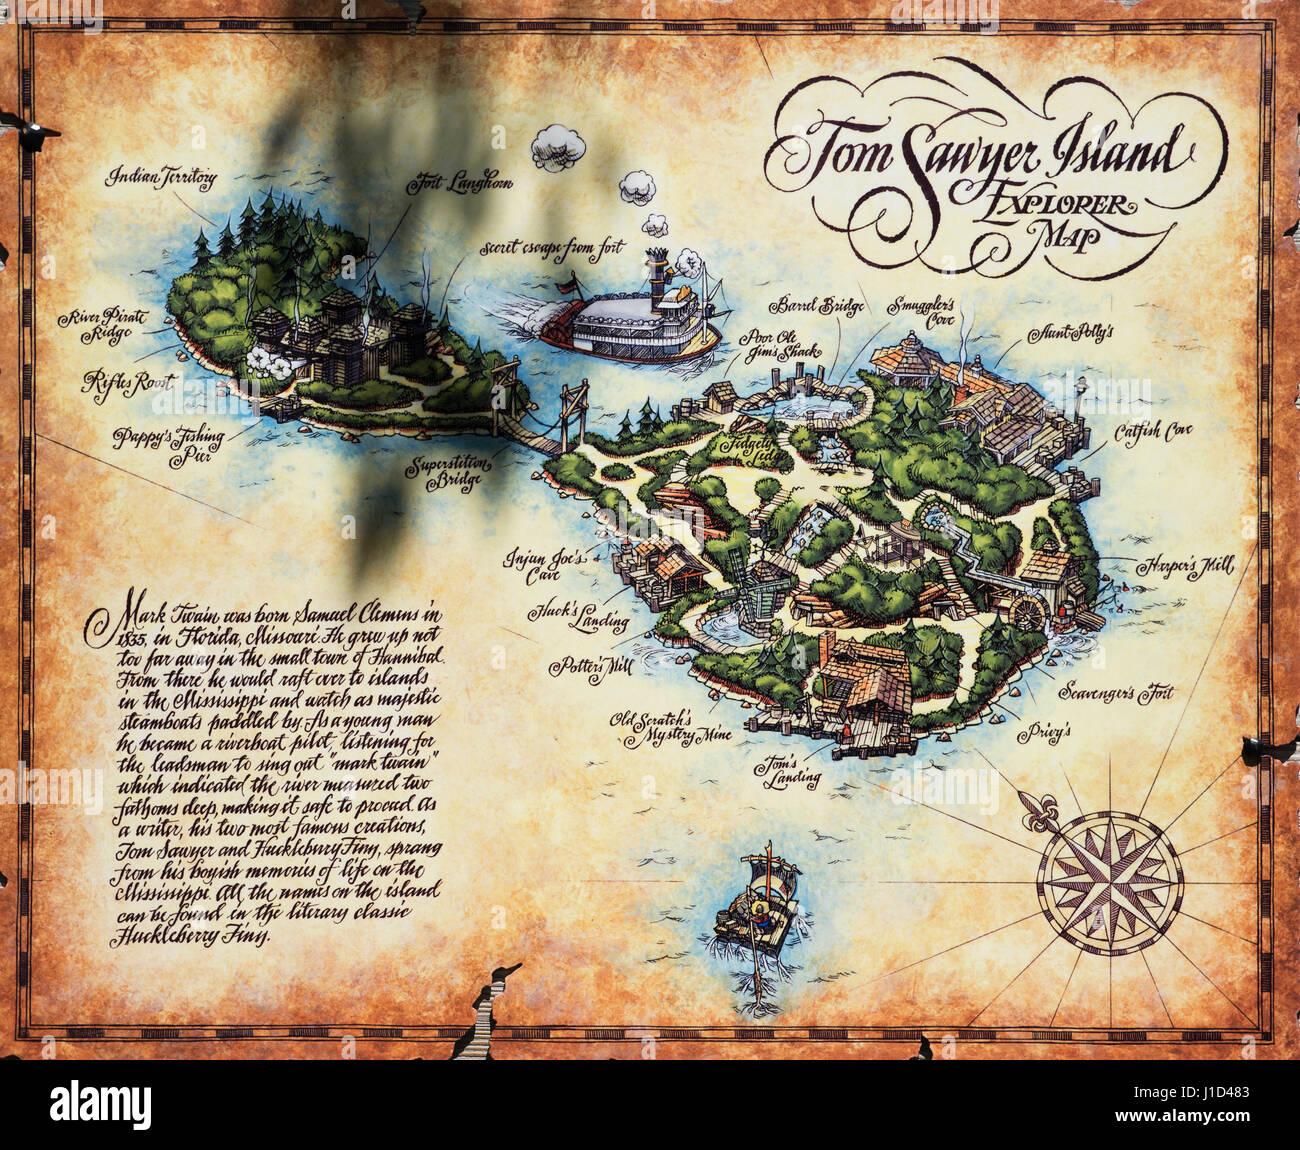 Tom Sawyer Island Explorer mapa, en Frontierland en el Magic Kingdom, Disney World Resort, Orlando, Florida Imagen De Stock